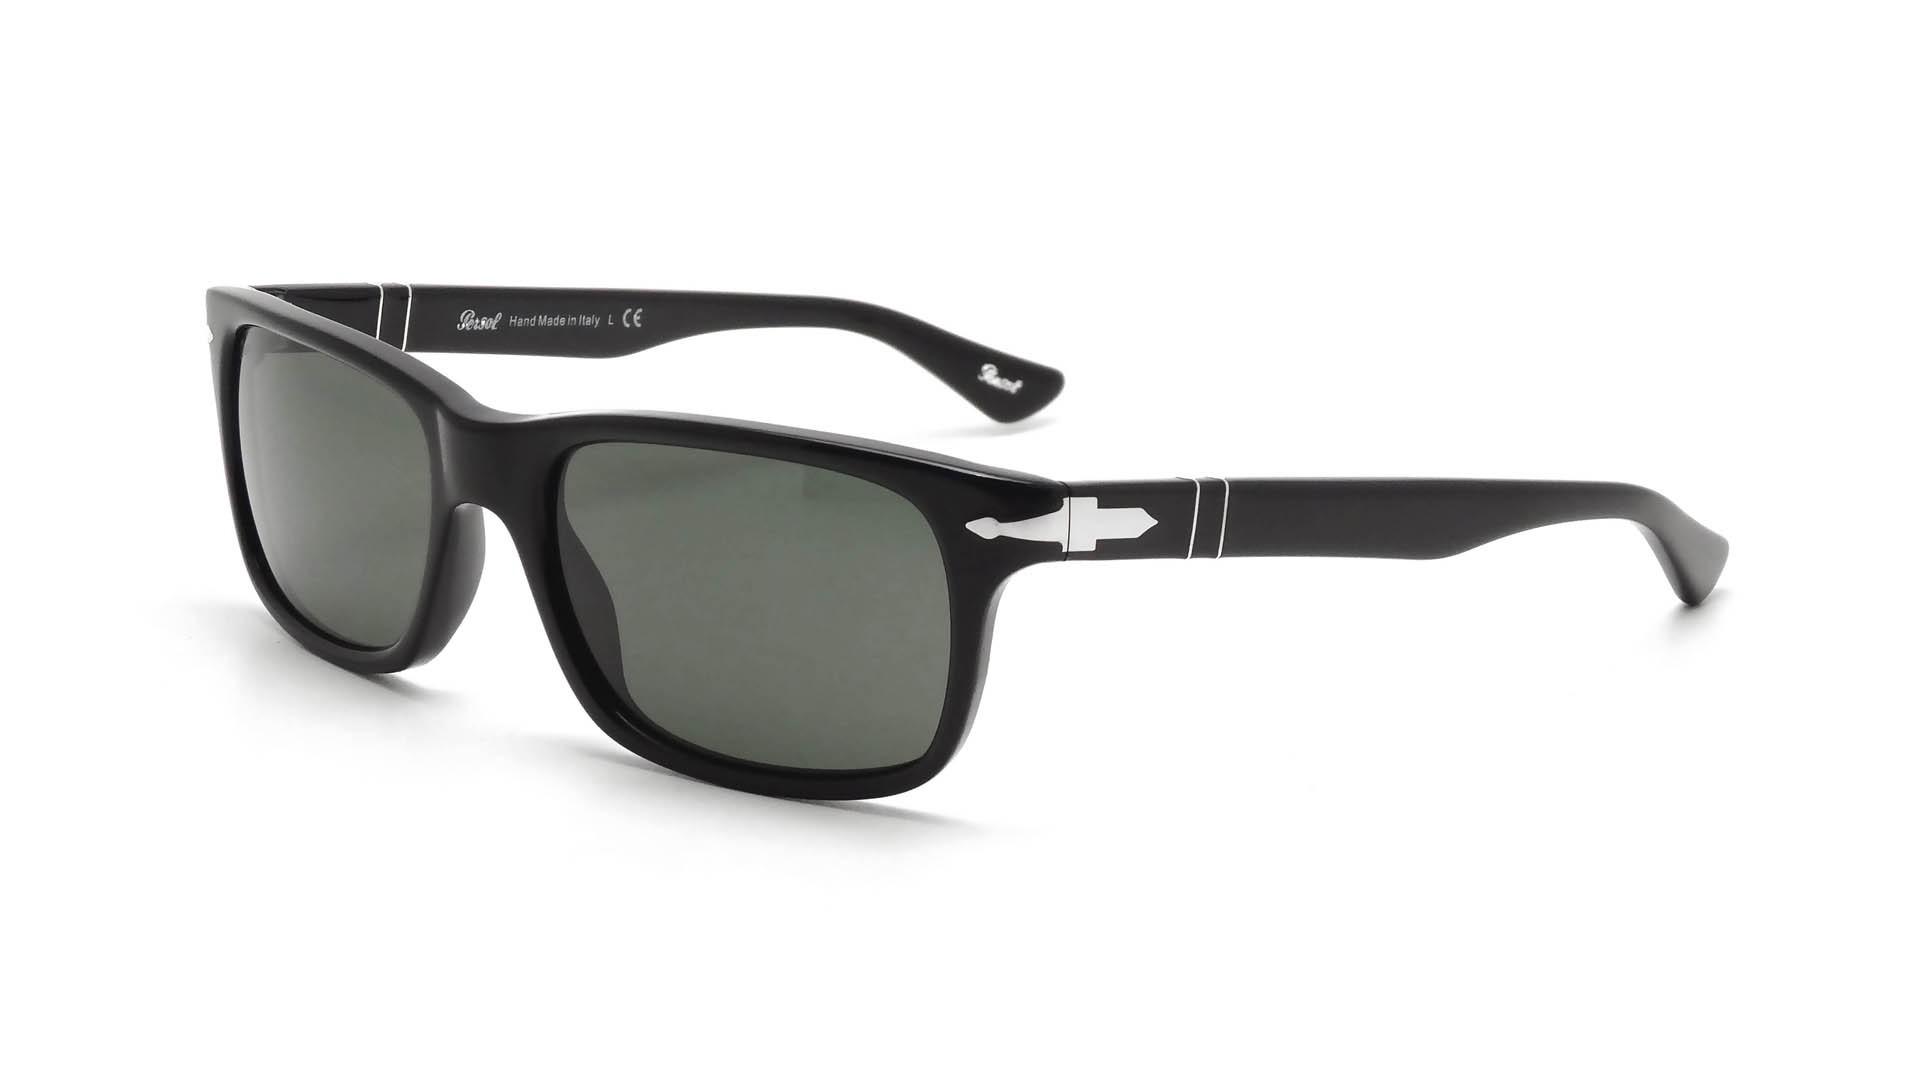 d1d4bfa6fb Sunglasses Persol PO3048S 95 31 55-19 Black Medium